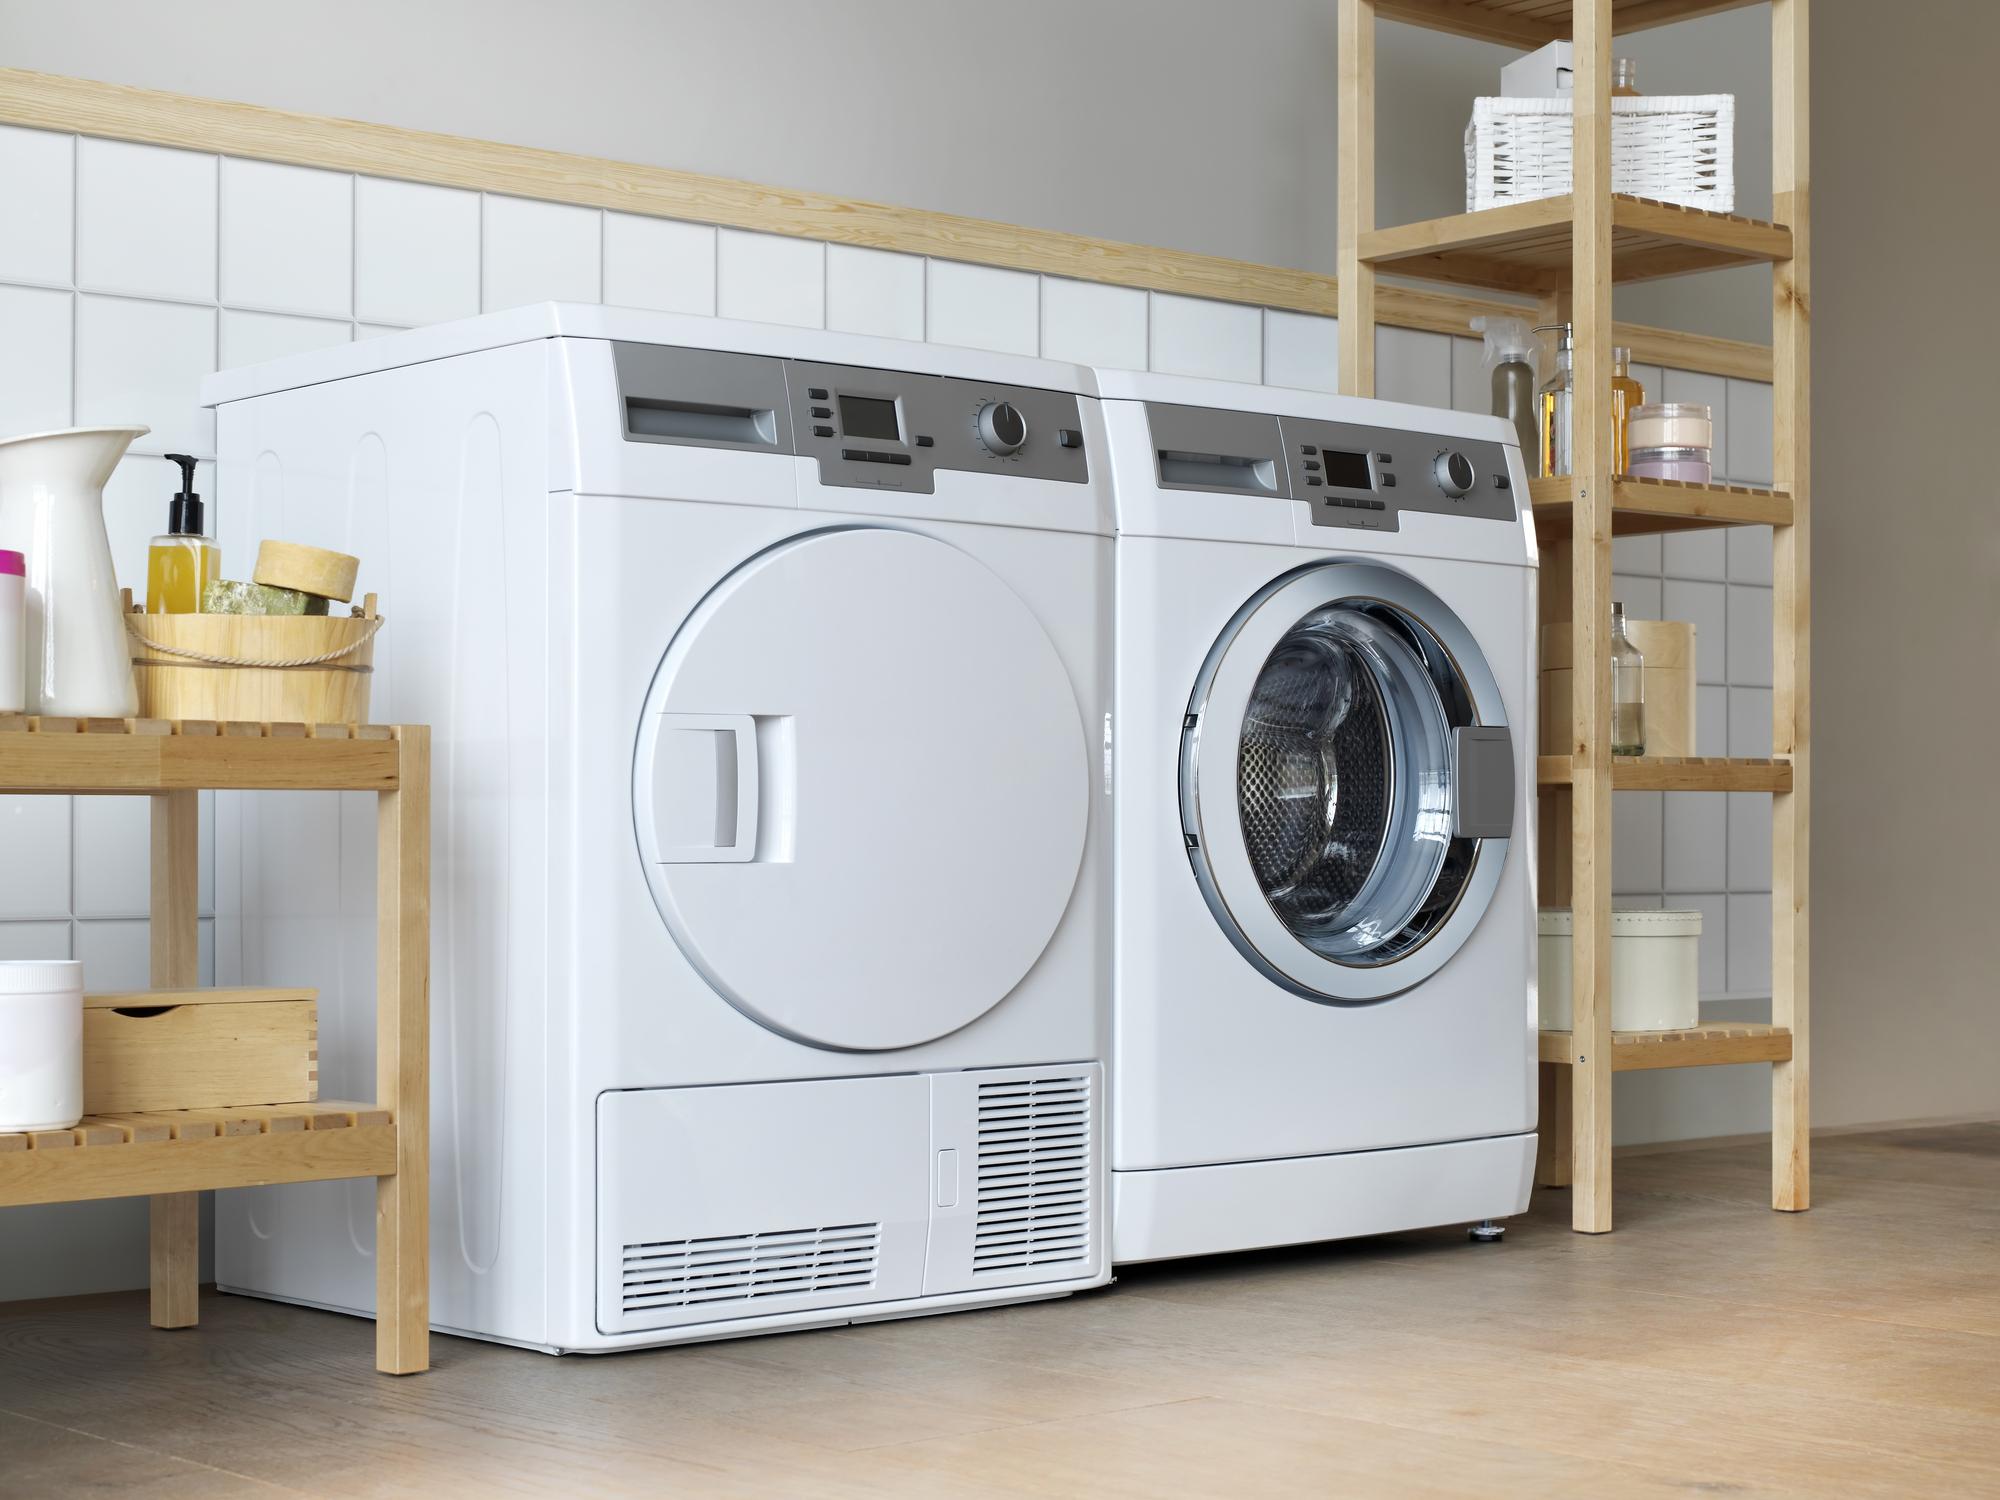 Listado de las secadoras con bomba de calor, reseña y las mejores ofertas del 2019